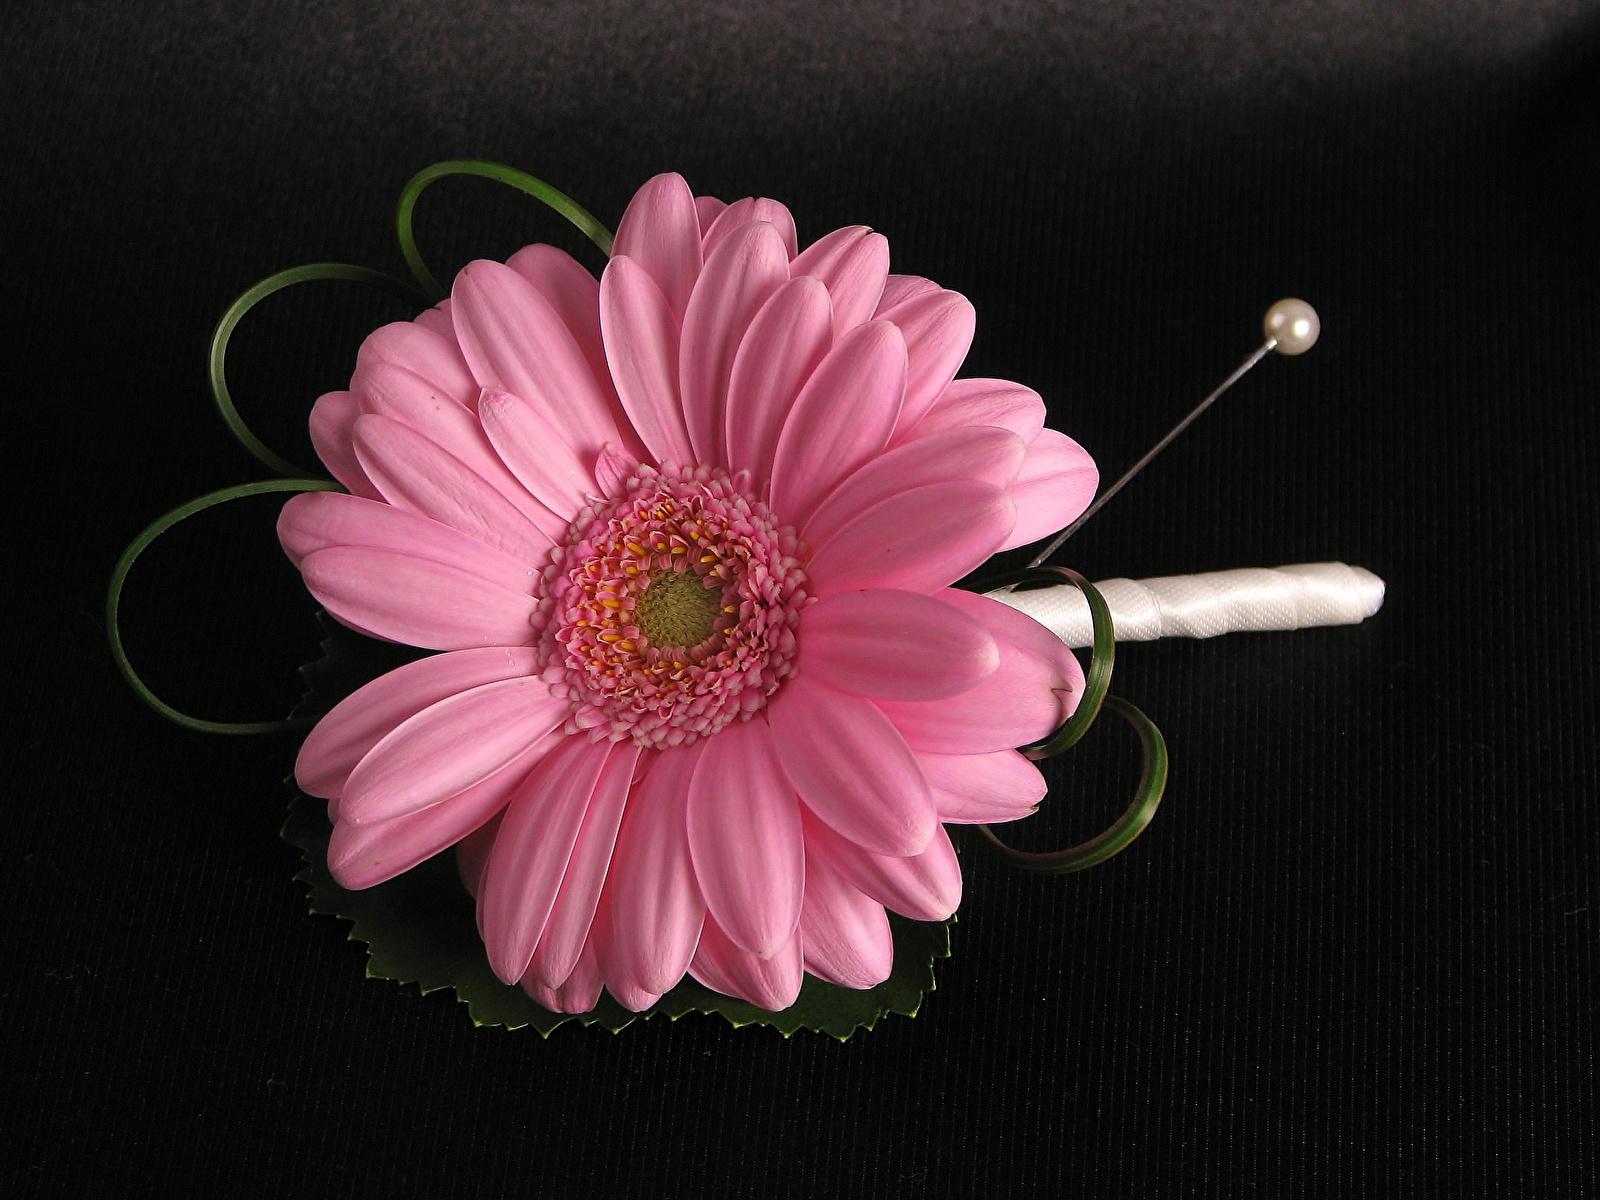 Фотография Розовый гербера цветок Черный фон Крупным планом 1600x1200 розовых розовые розовая Герберы Цветы вблизи на черном фоне